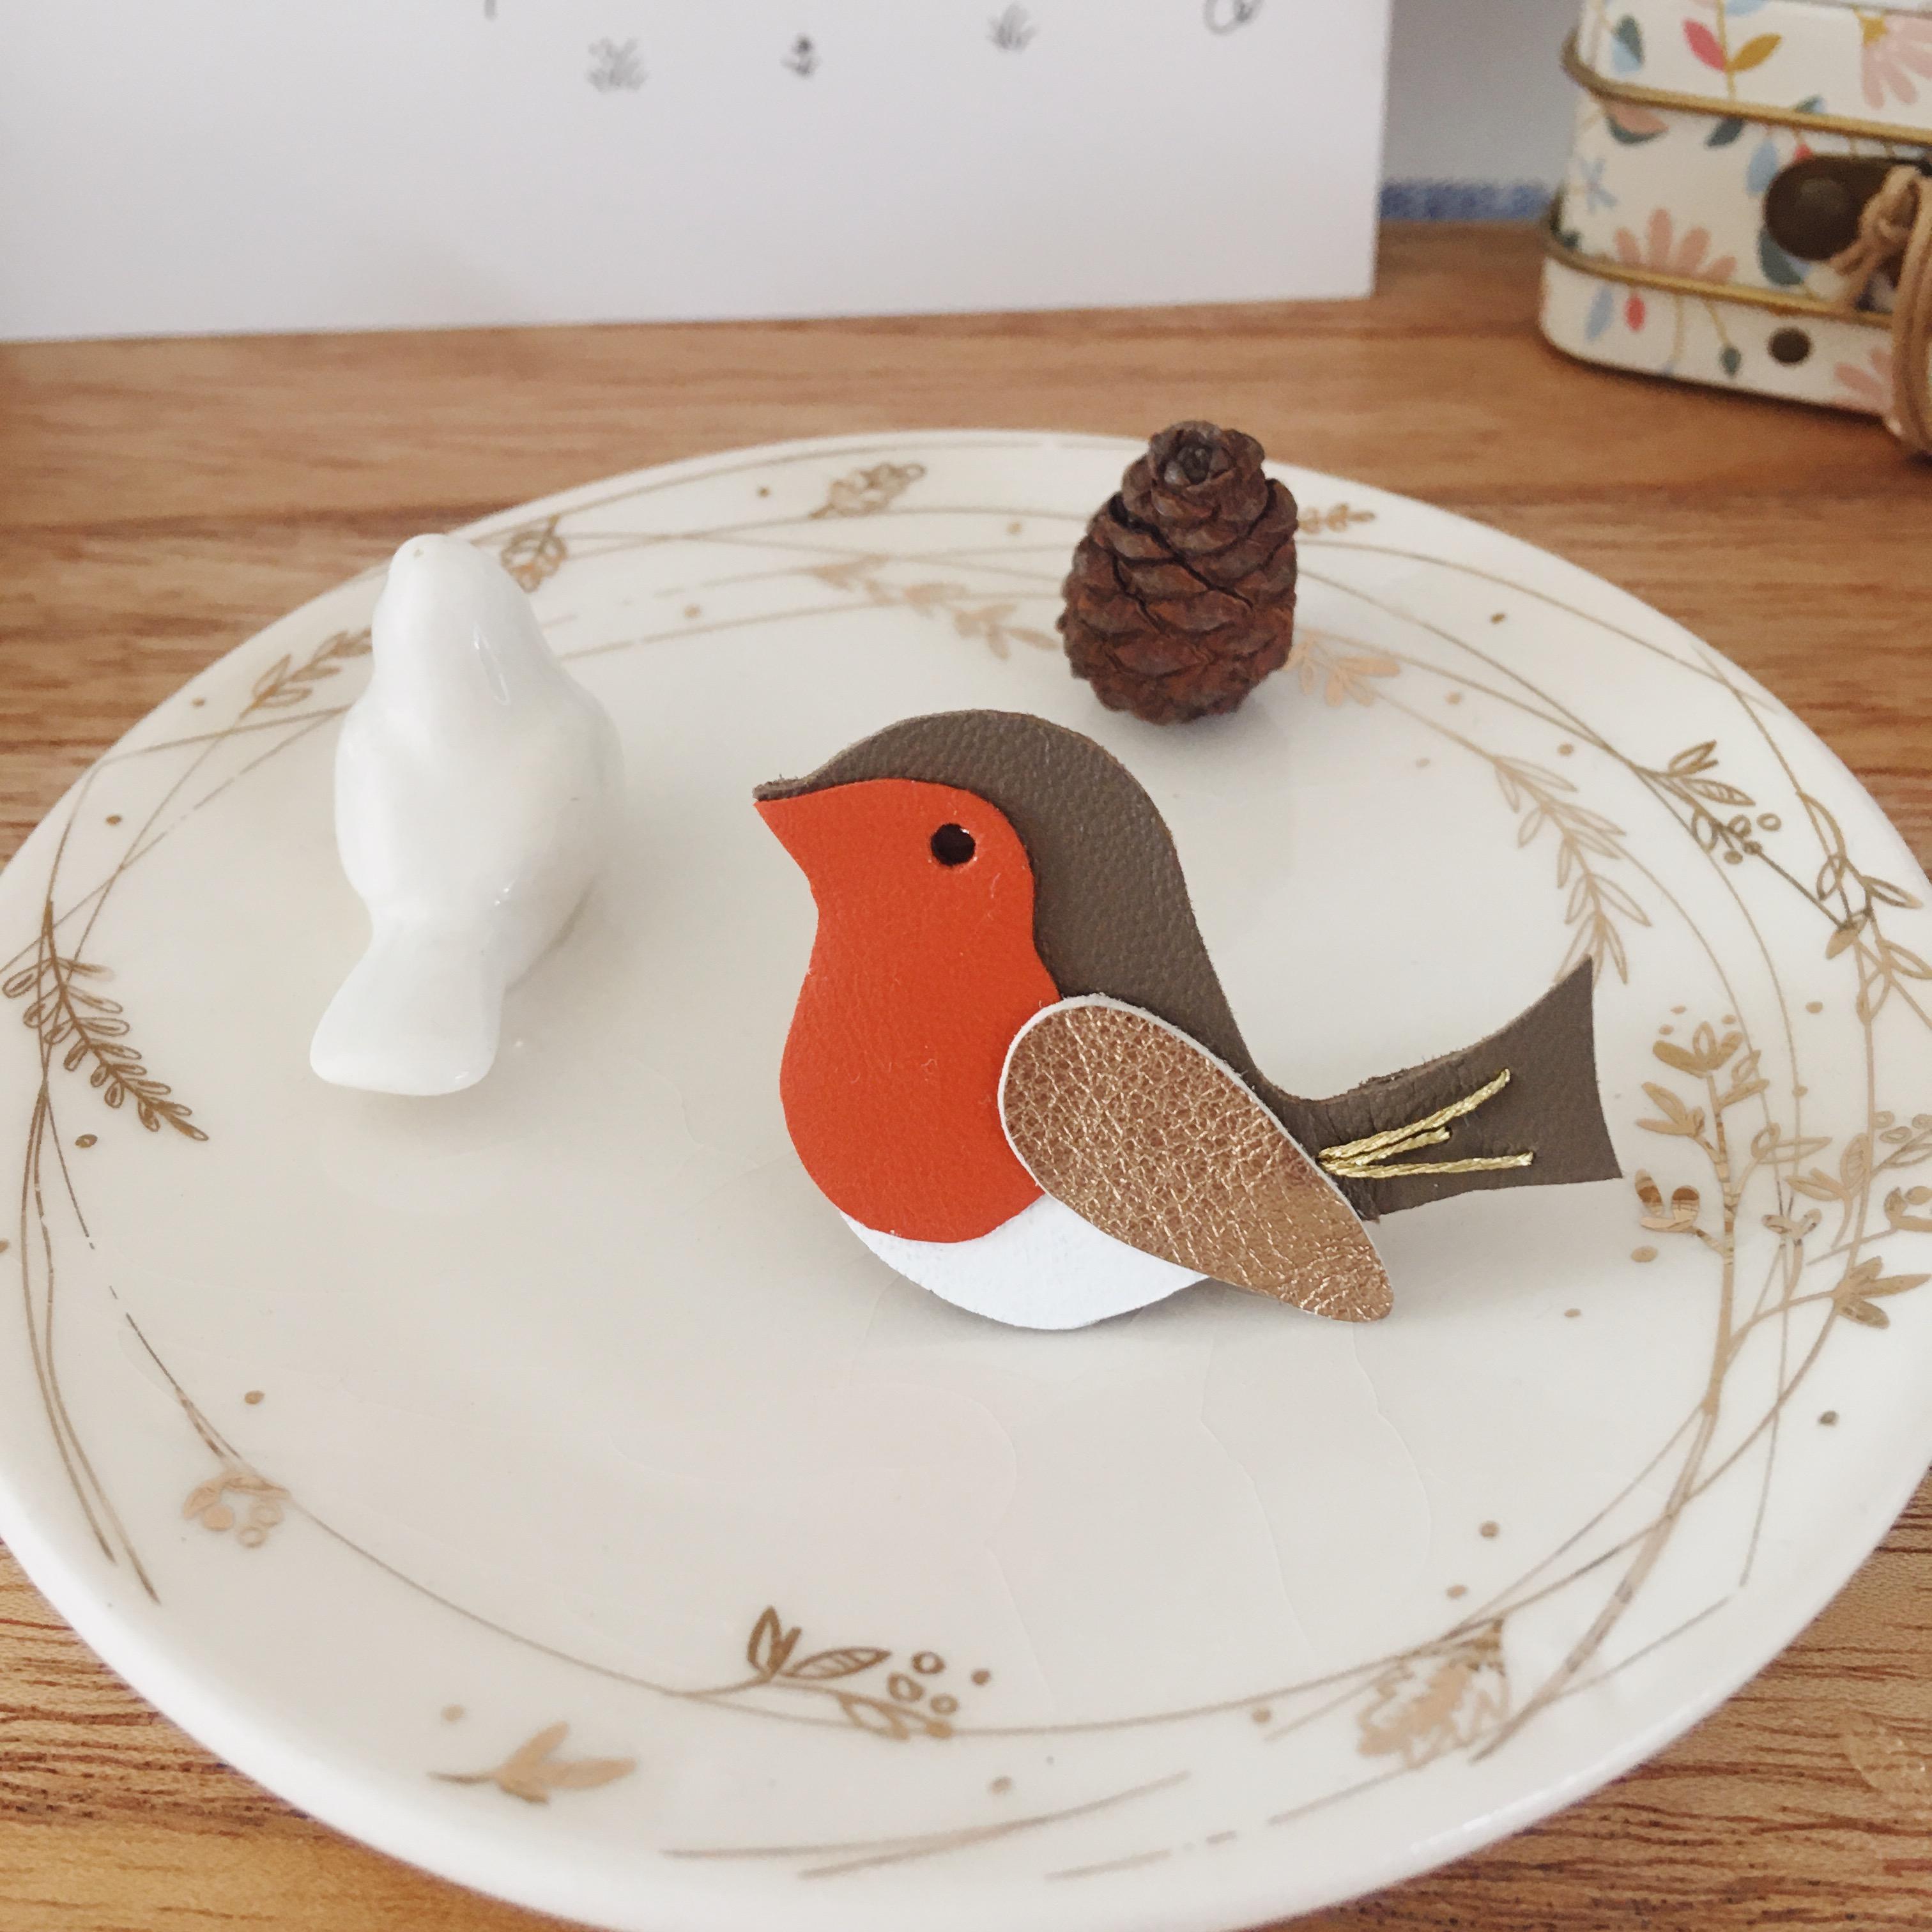 broche-oiseau-en-cuir-brodee-main-bijou-createur-poetique-fabrication-artisanale-francaise-du-vent-dans-mes-valises